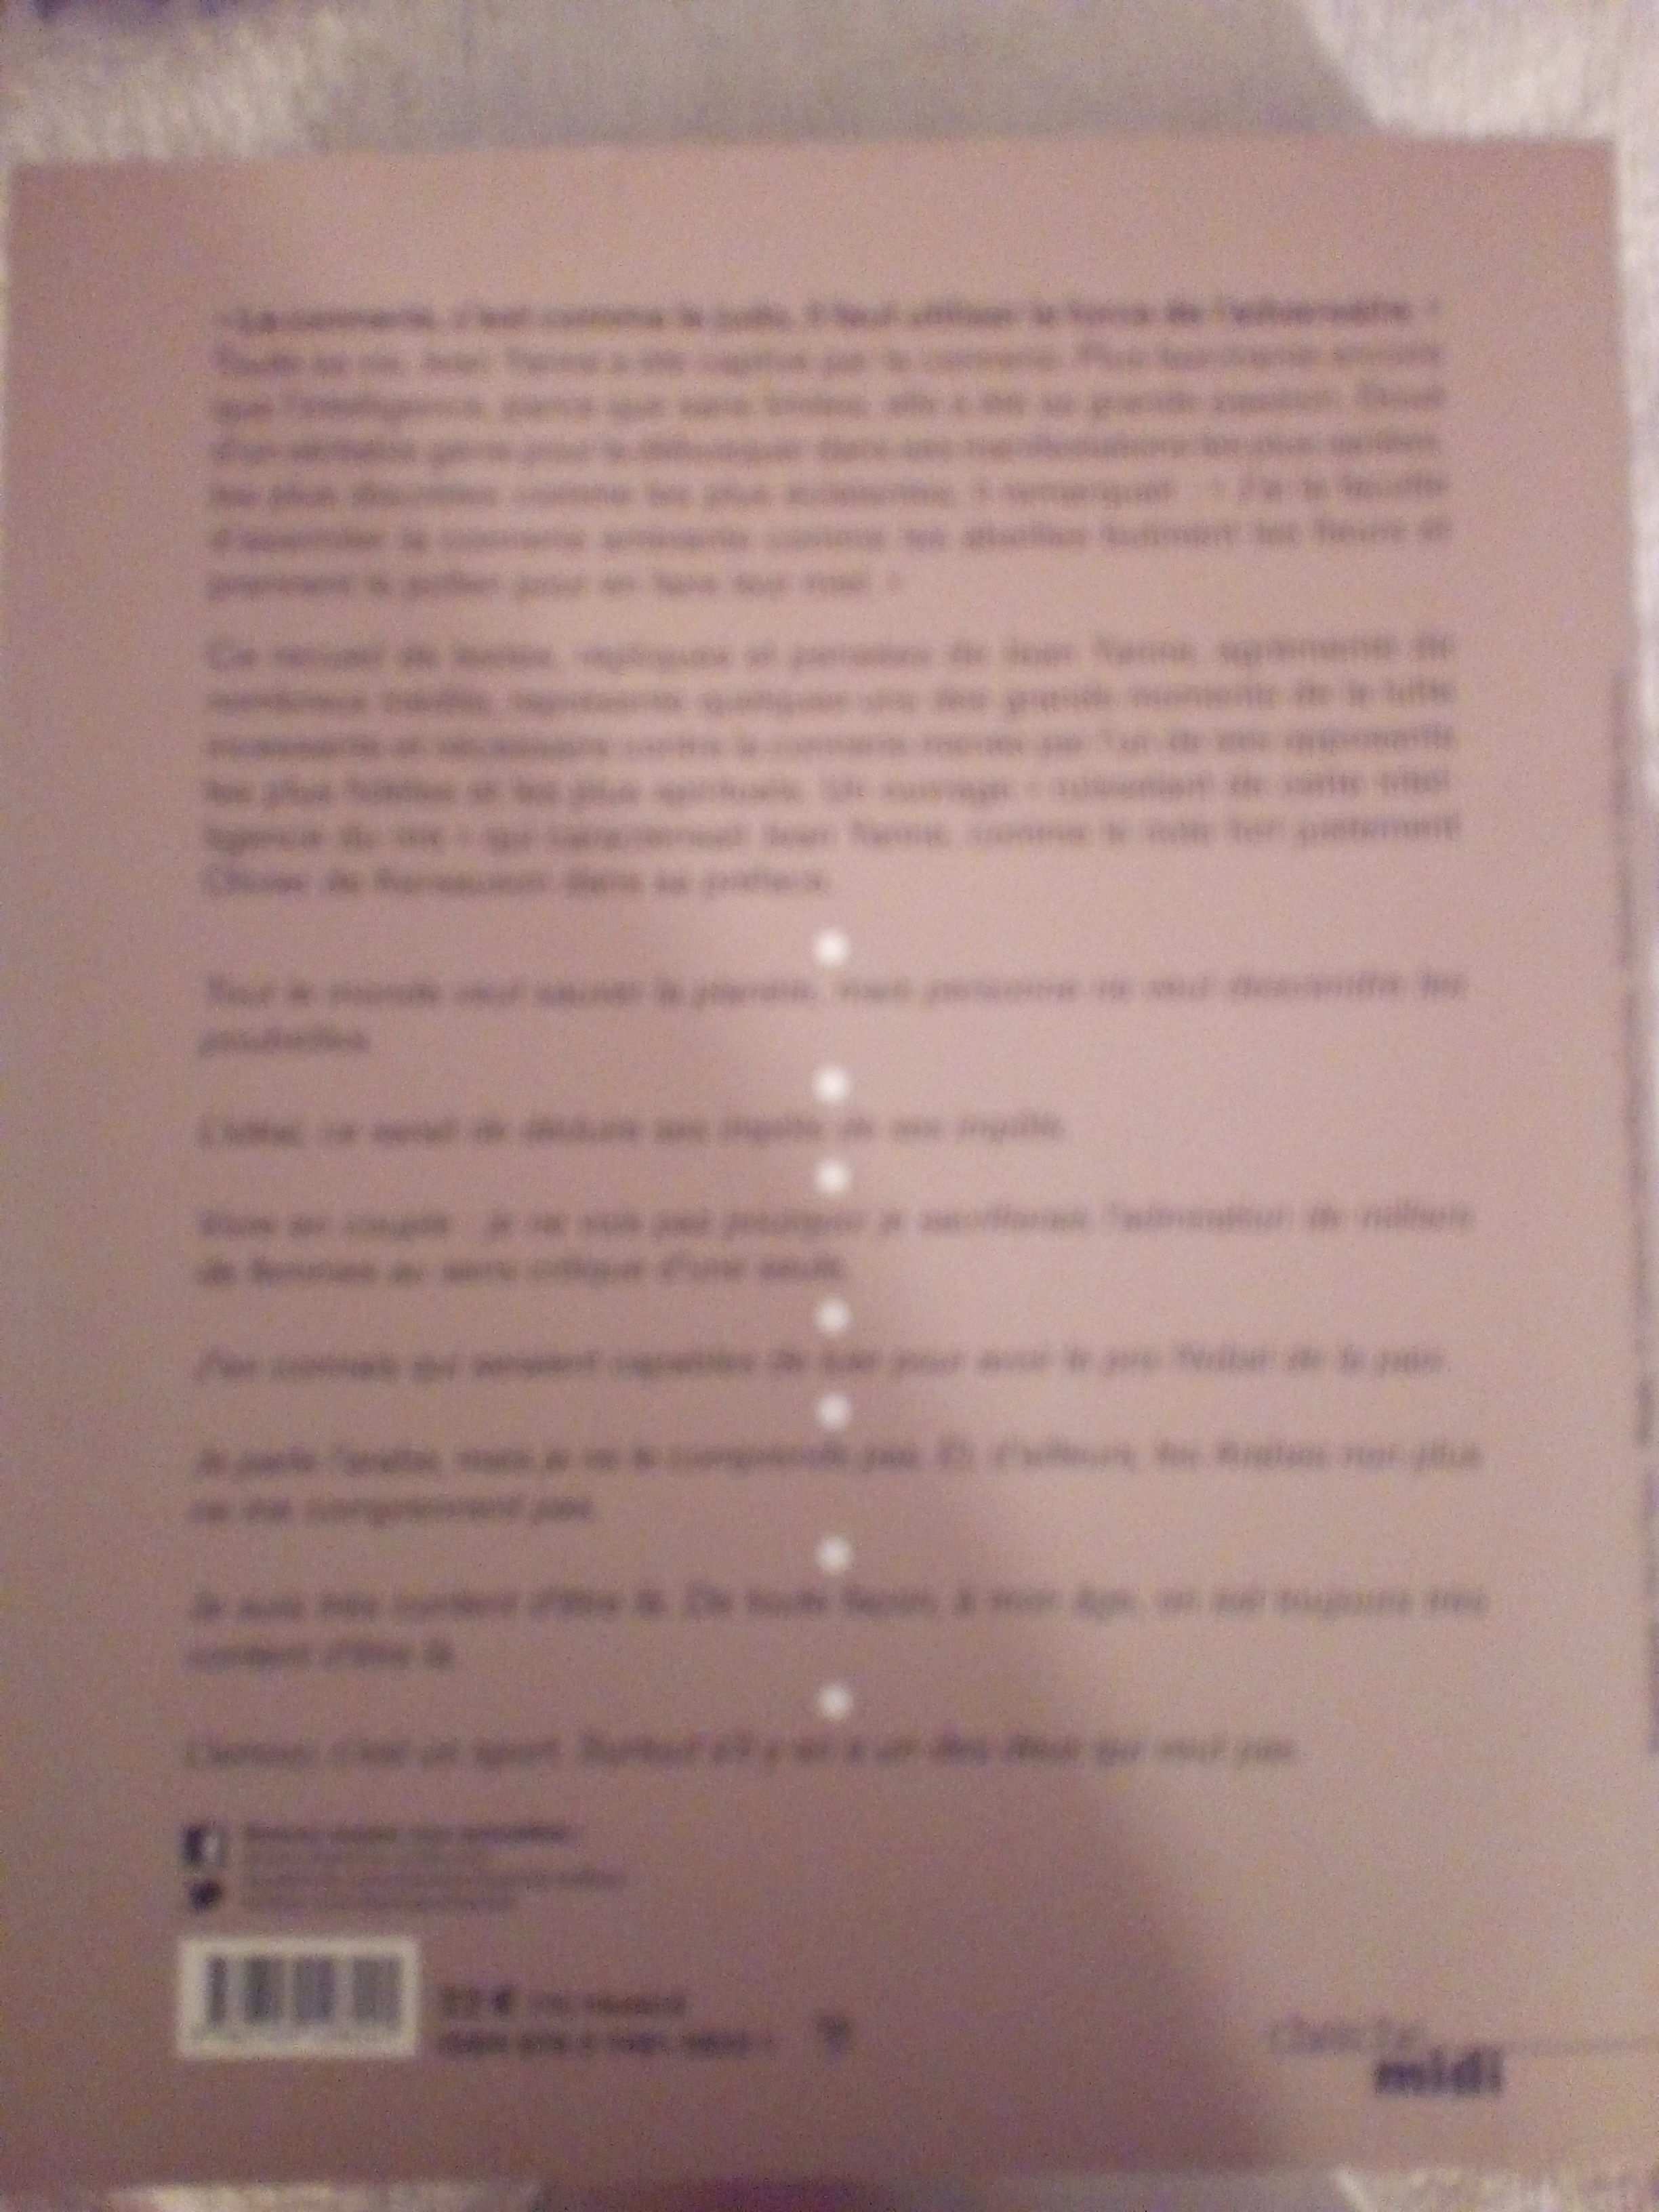 Jean Yanne - on n'arrête pas la connerie  10 Savigny-sur-Orge (91)